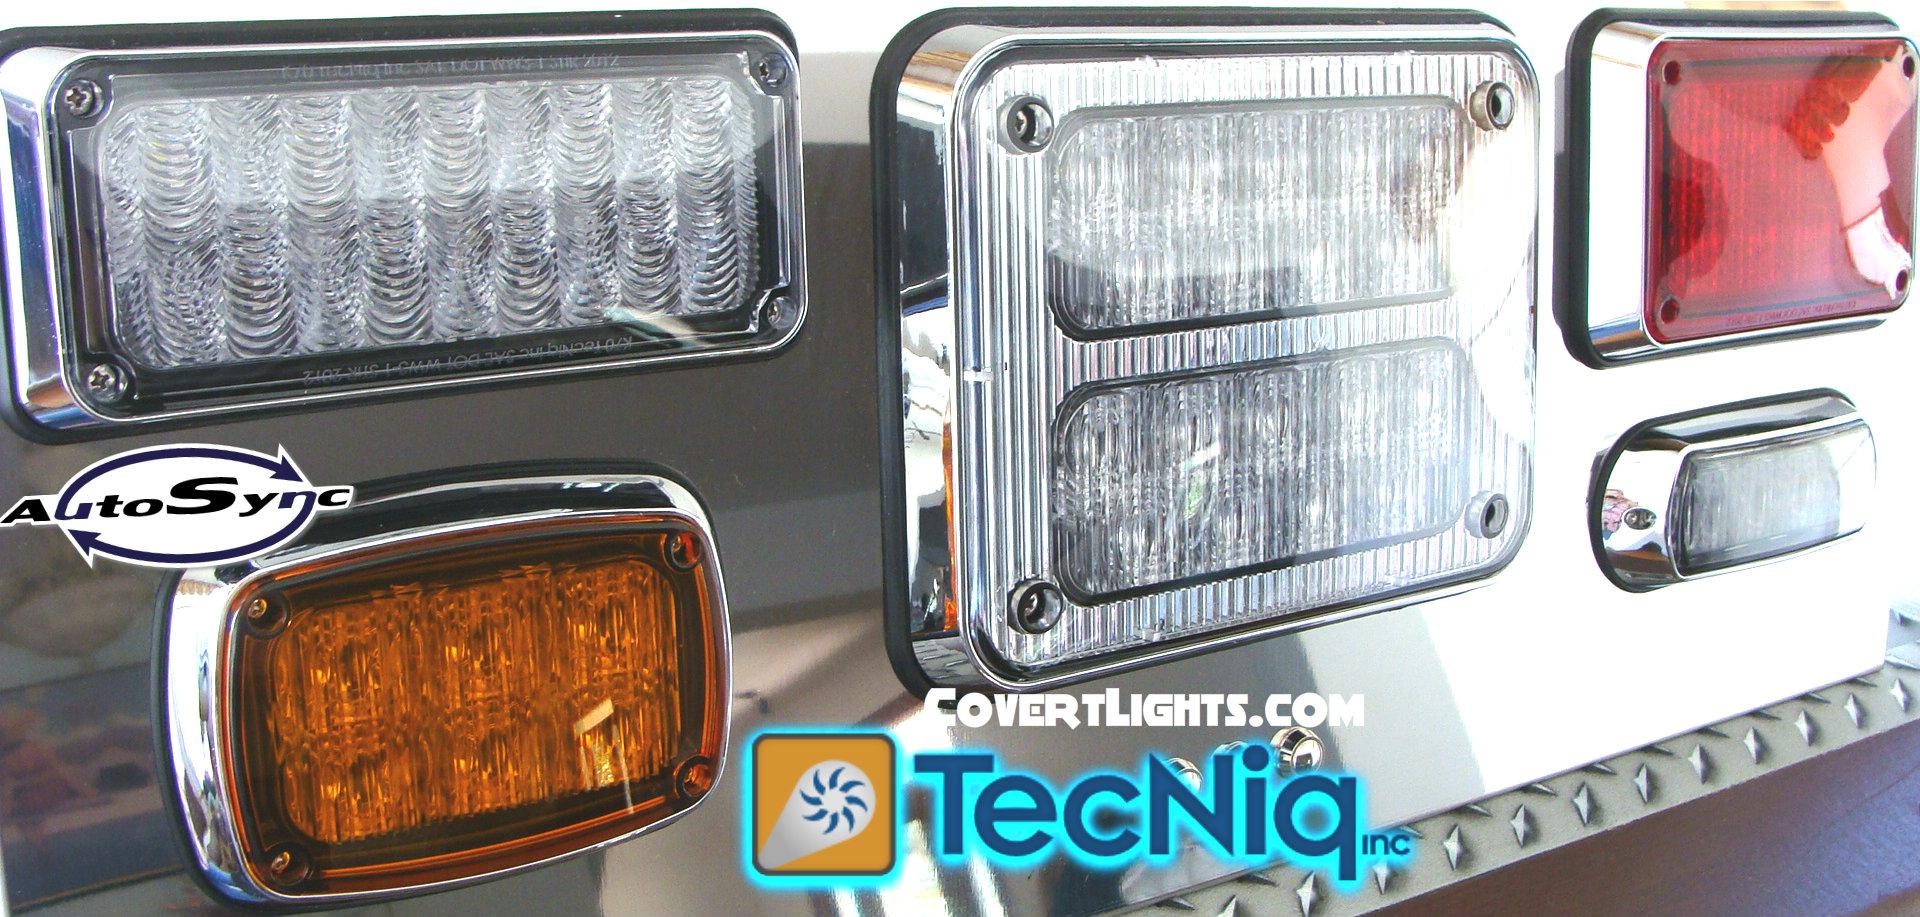 tecniq-banner-covert-lights.jpg